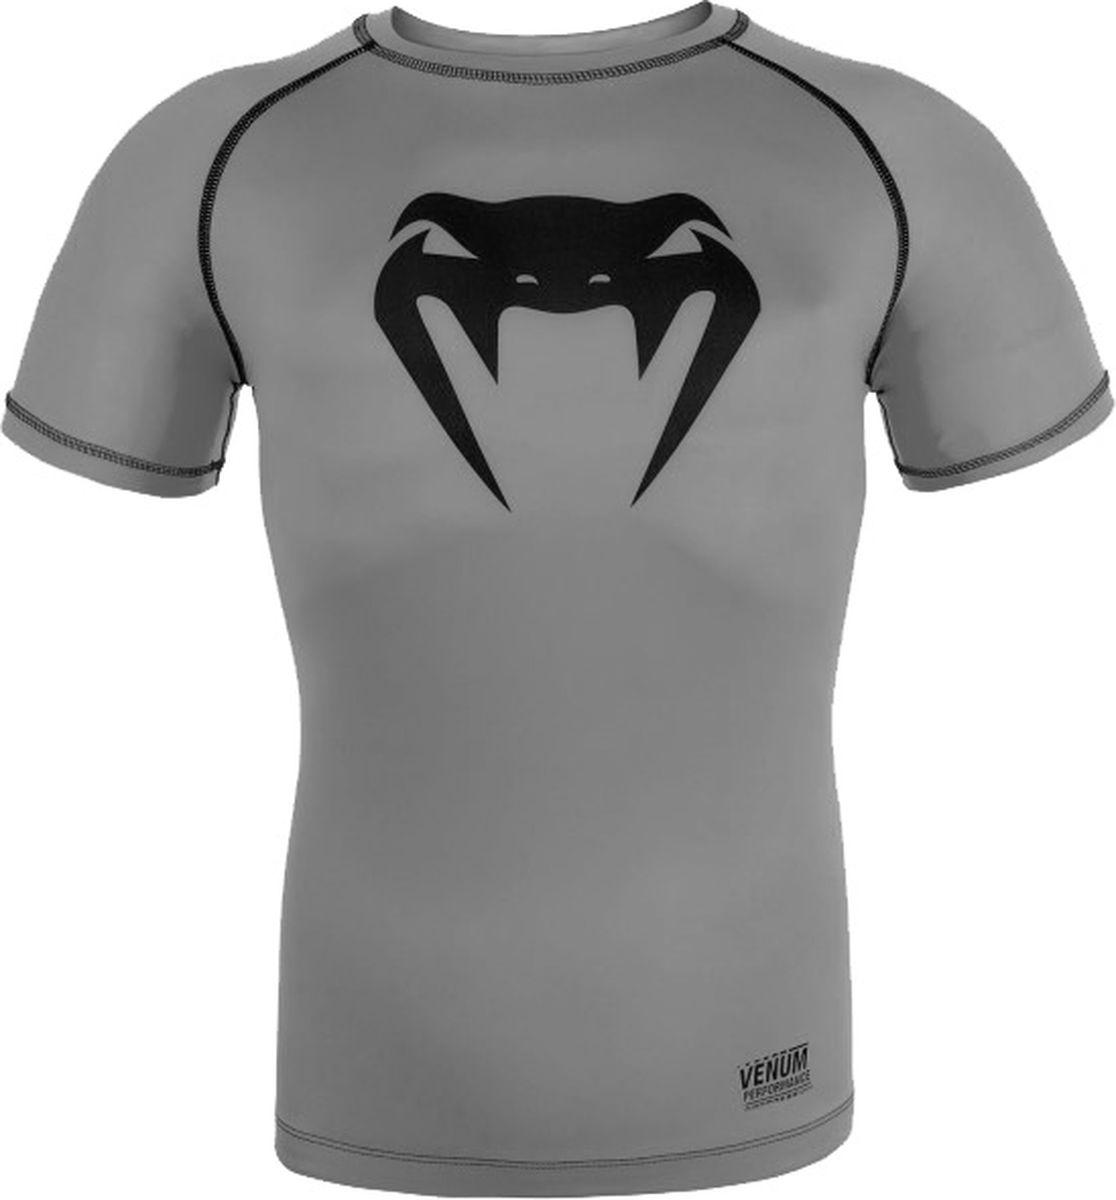 Рашгард мужской Venum Contender 3, цвет: серый. venrash0104. Размер M (48)